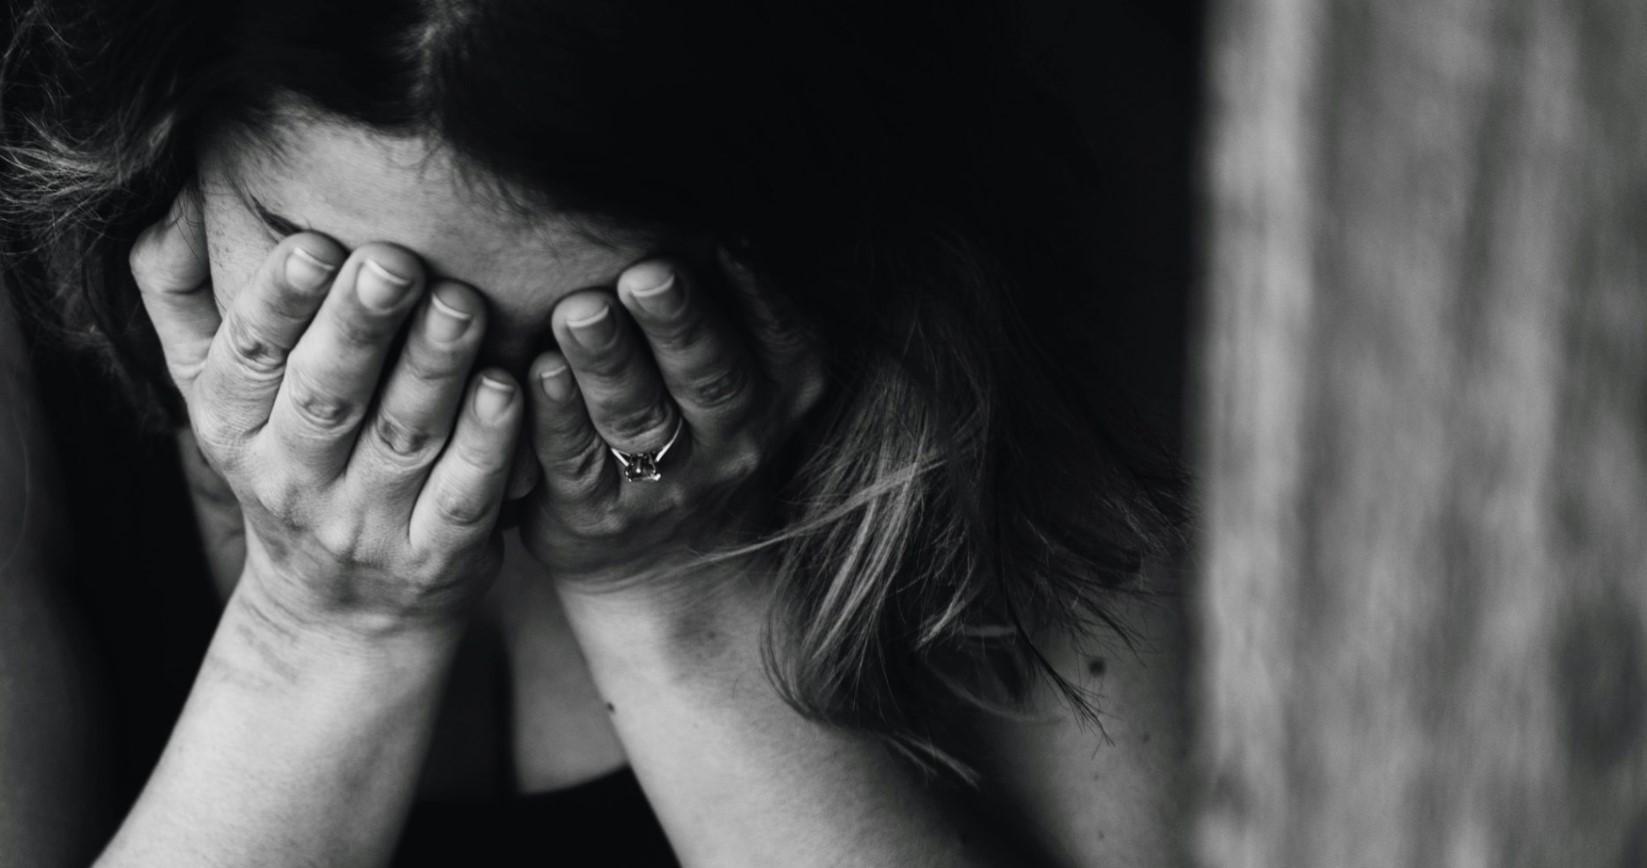 معوقات اقتصادية واجتماعية أمام حماية ضحايا العنف الأسري في تونس